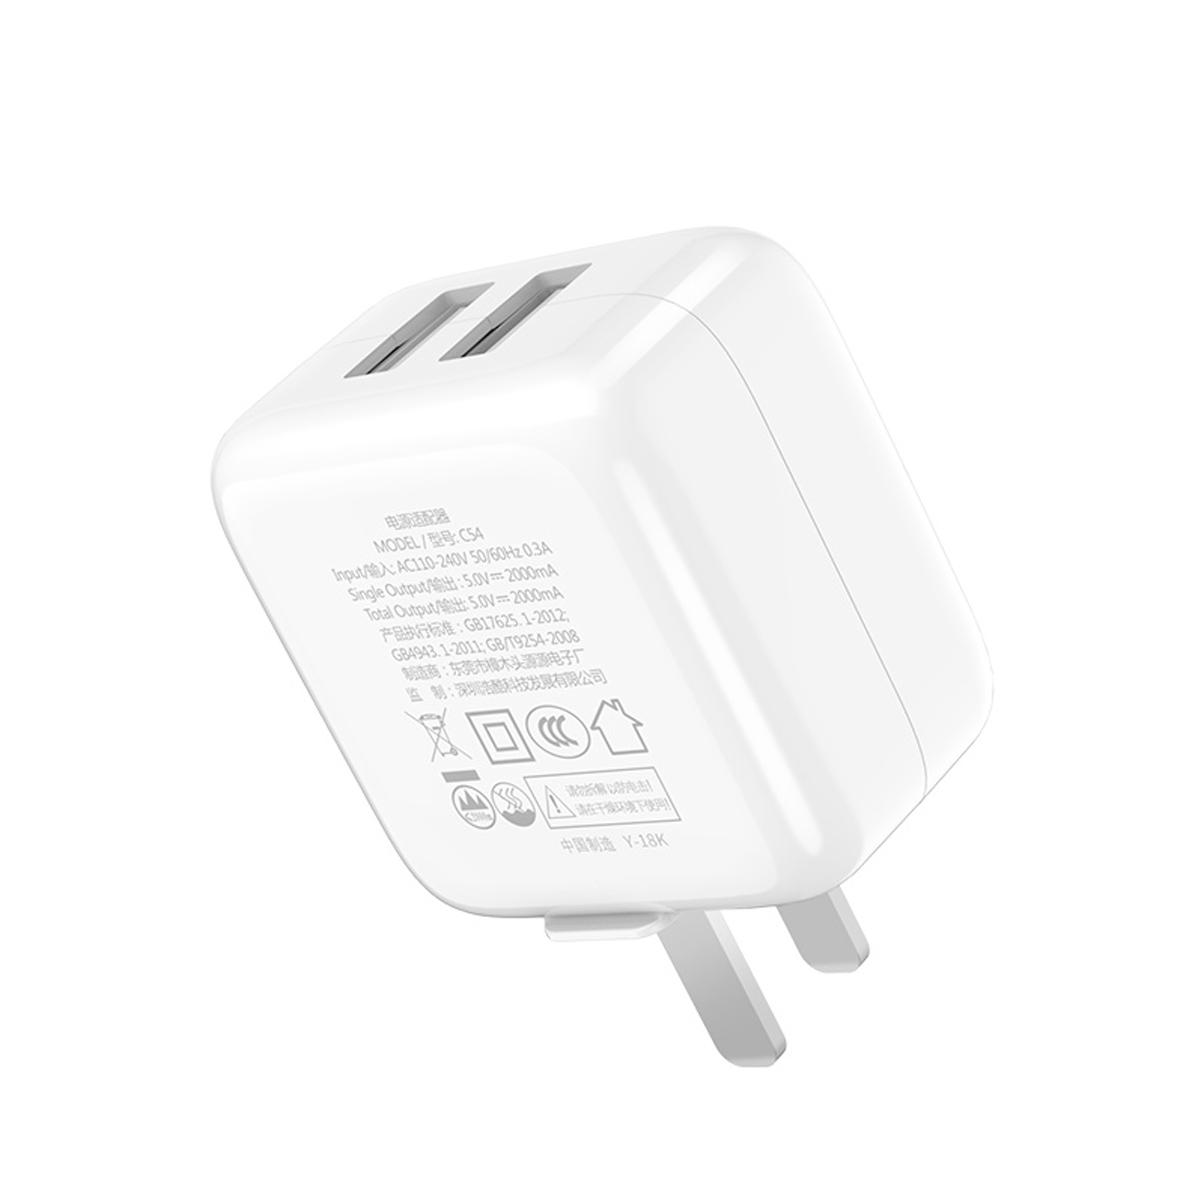 Củ sạc Nhanh Fast Charging -2 Cổng USB 2A Hoco C54  + Tặng Iring Khay - Chính Hãng